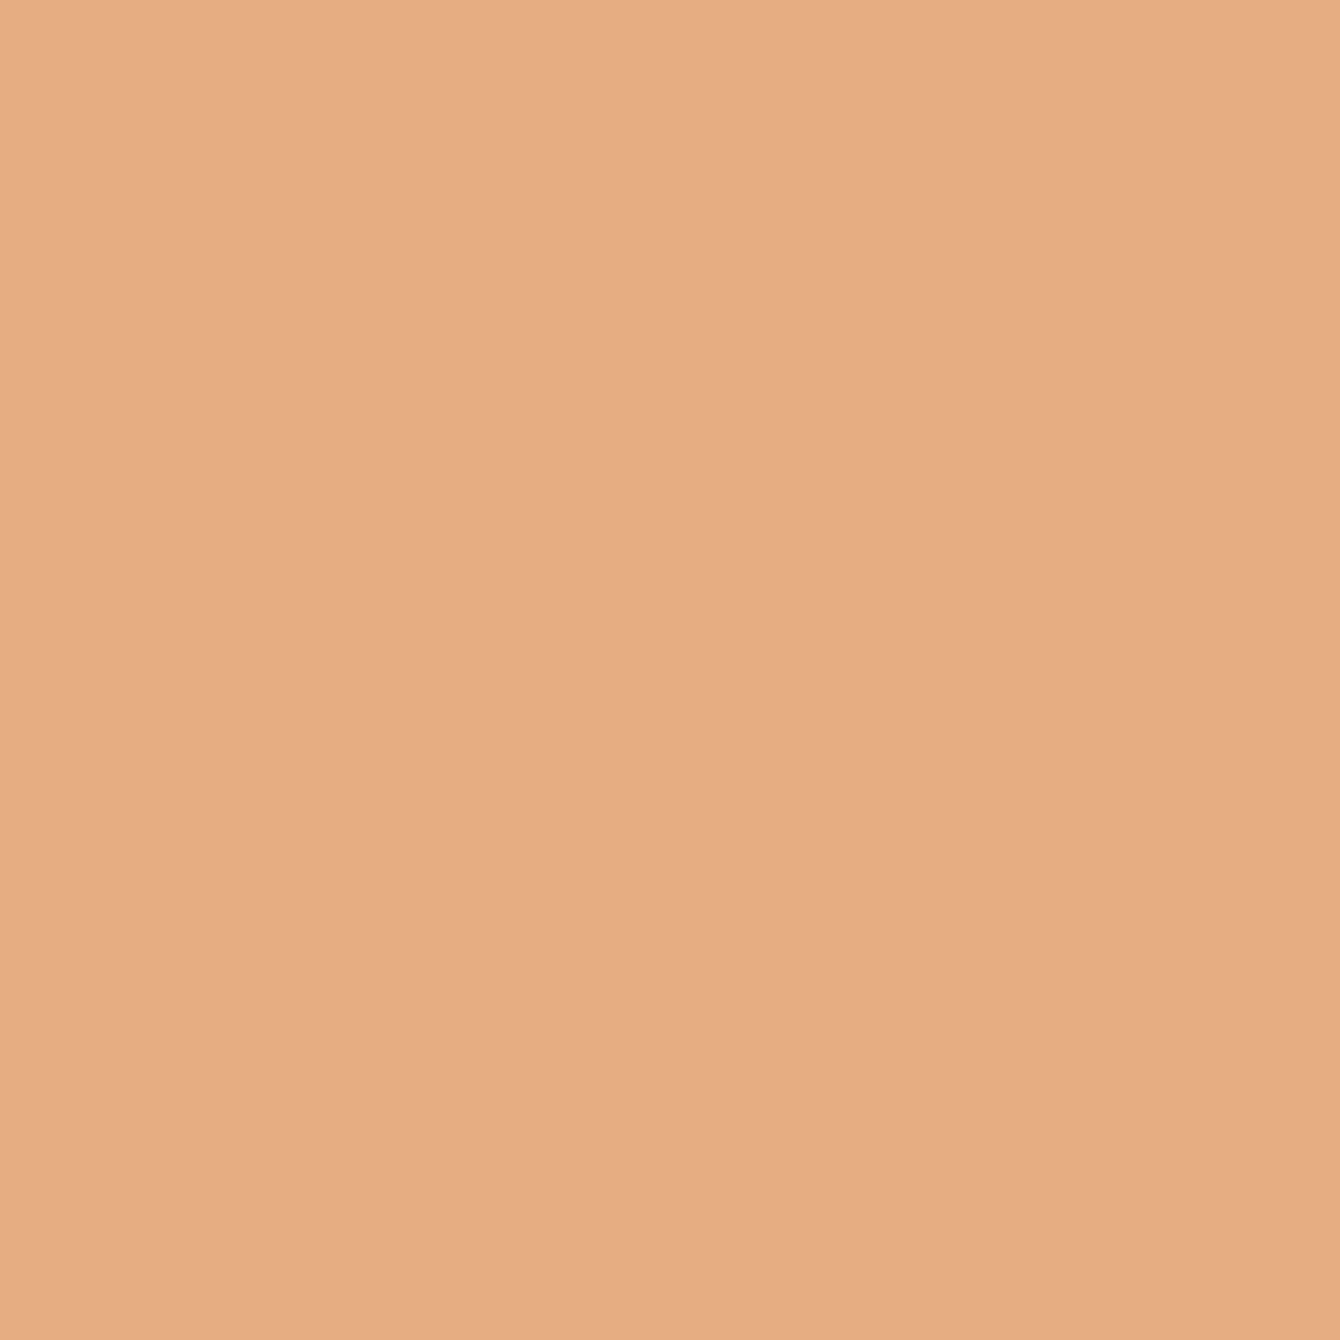 故意に欠陥所得SANMIMORE(サンミモレ化粧品) UVパクト 51号アイボリー (レフィル 替パフ付)